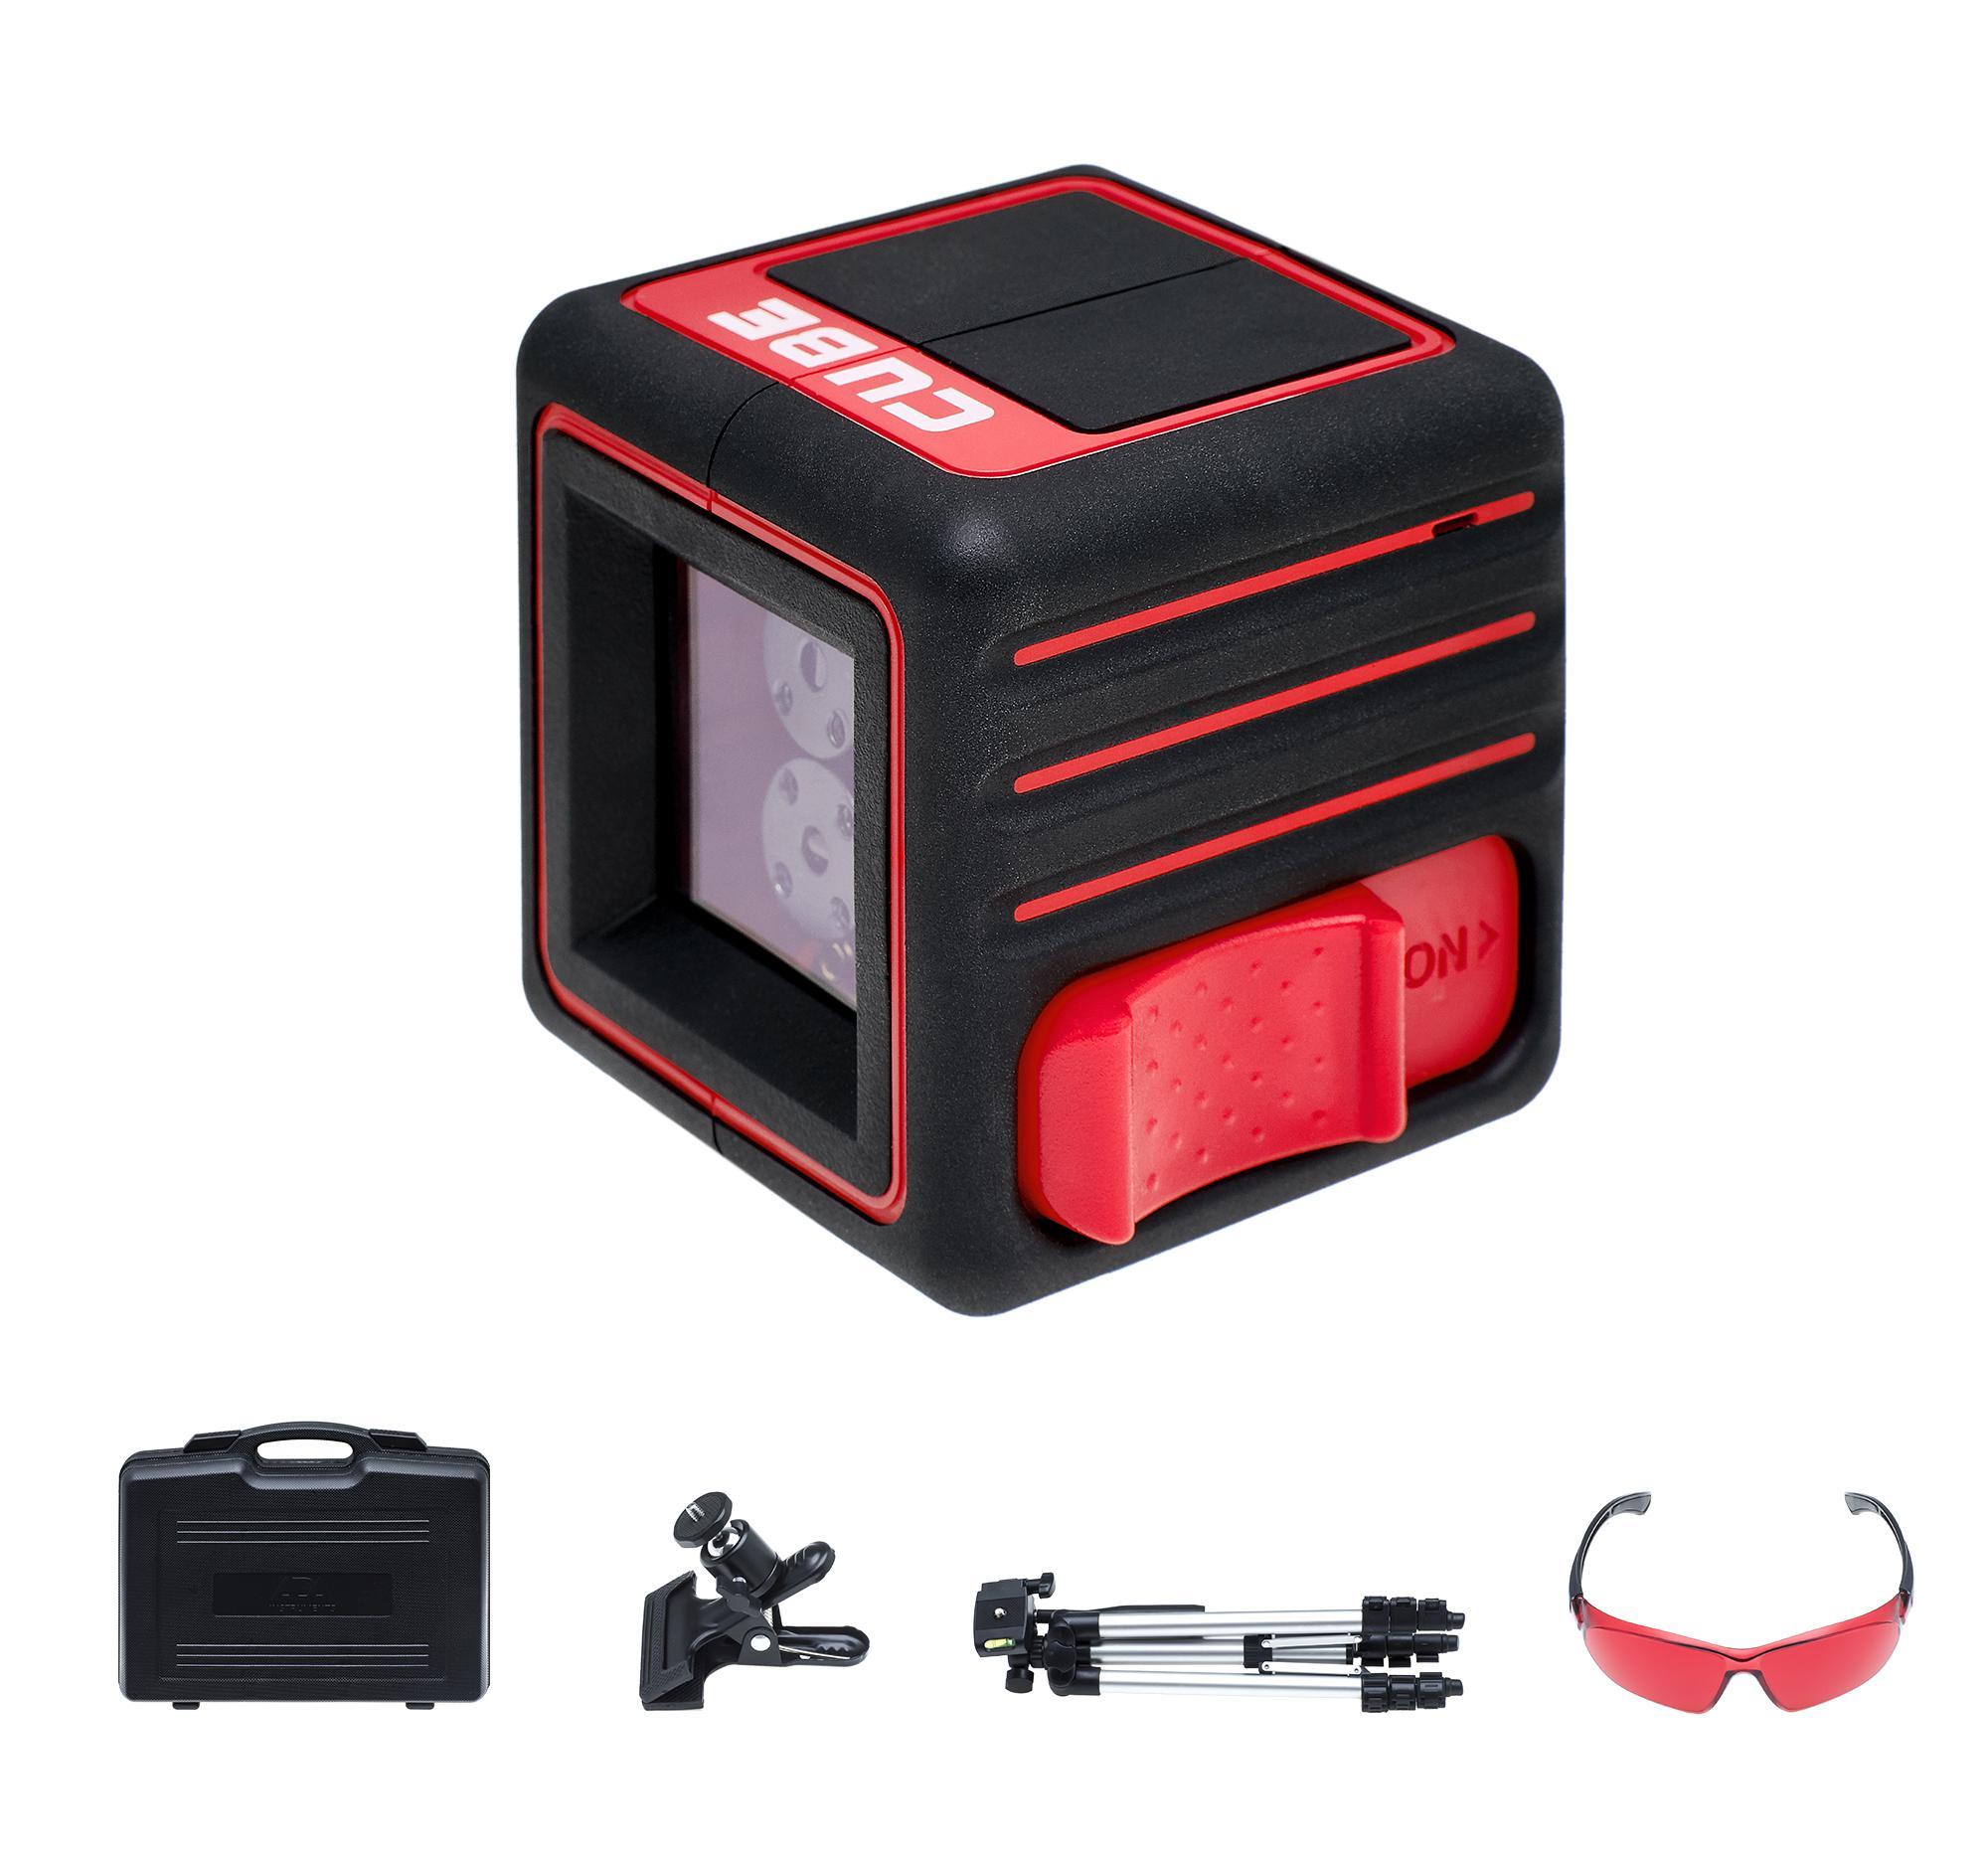 Лазерный построитель плоскостей Ada Cube ultimate edition лазерный уровень ada cube home edition